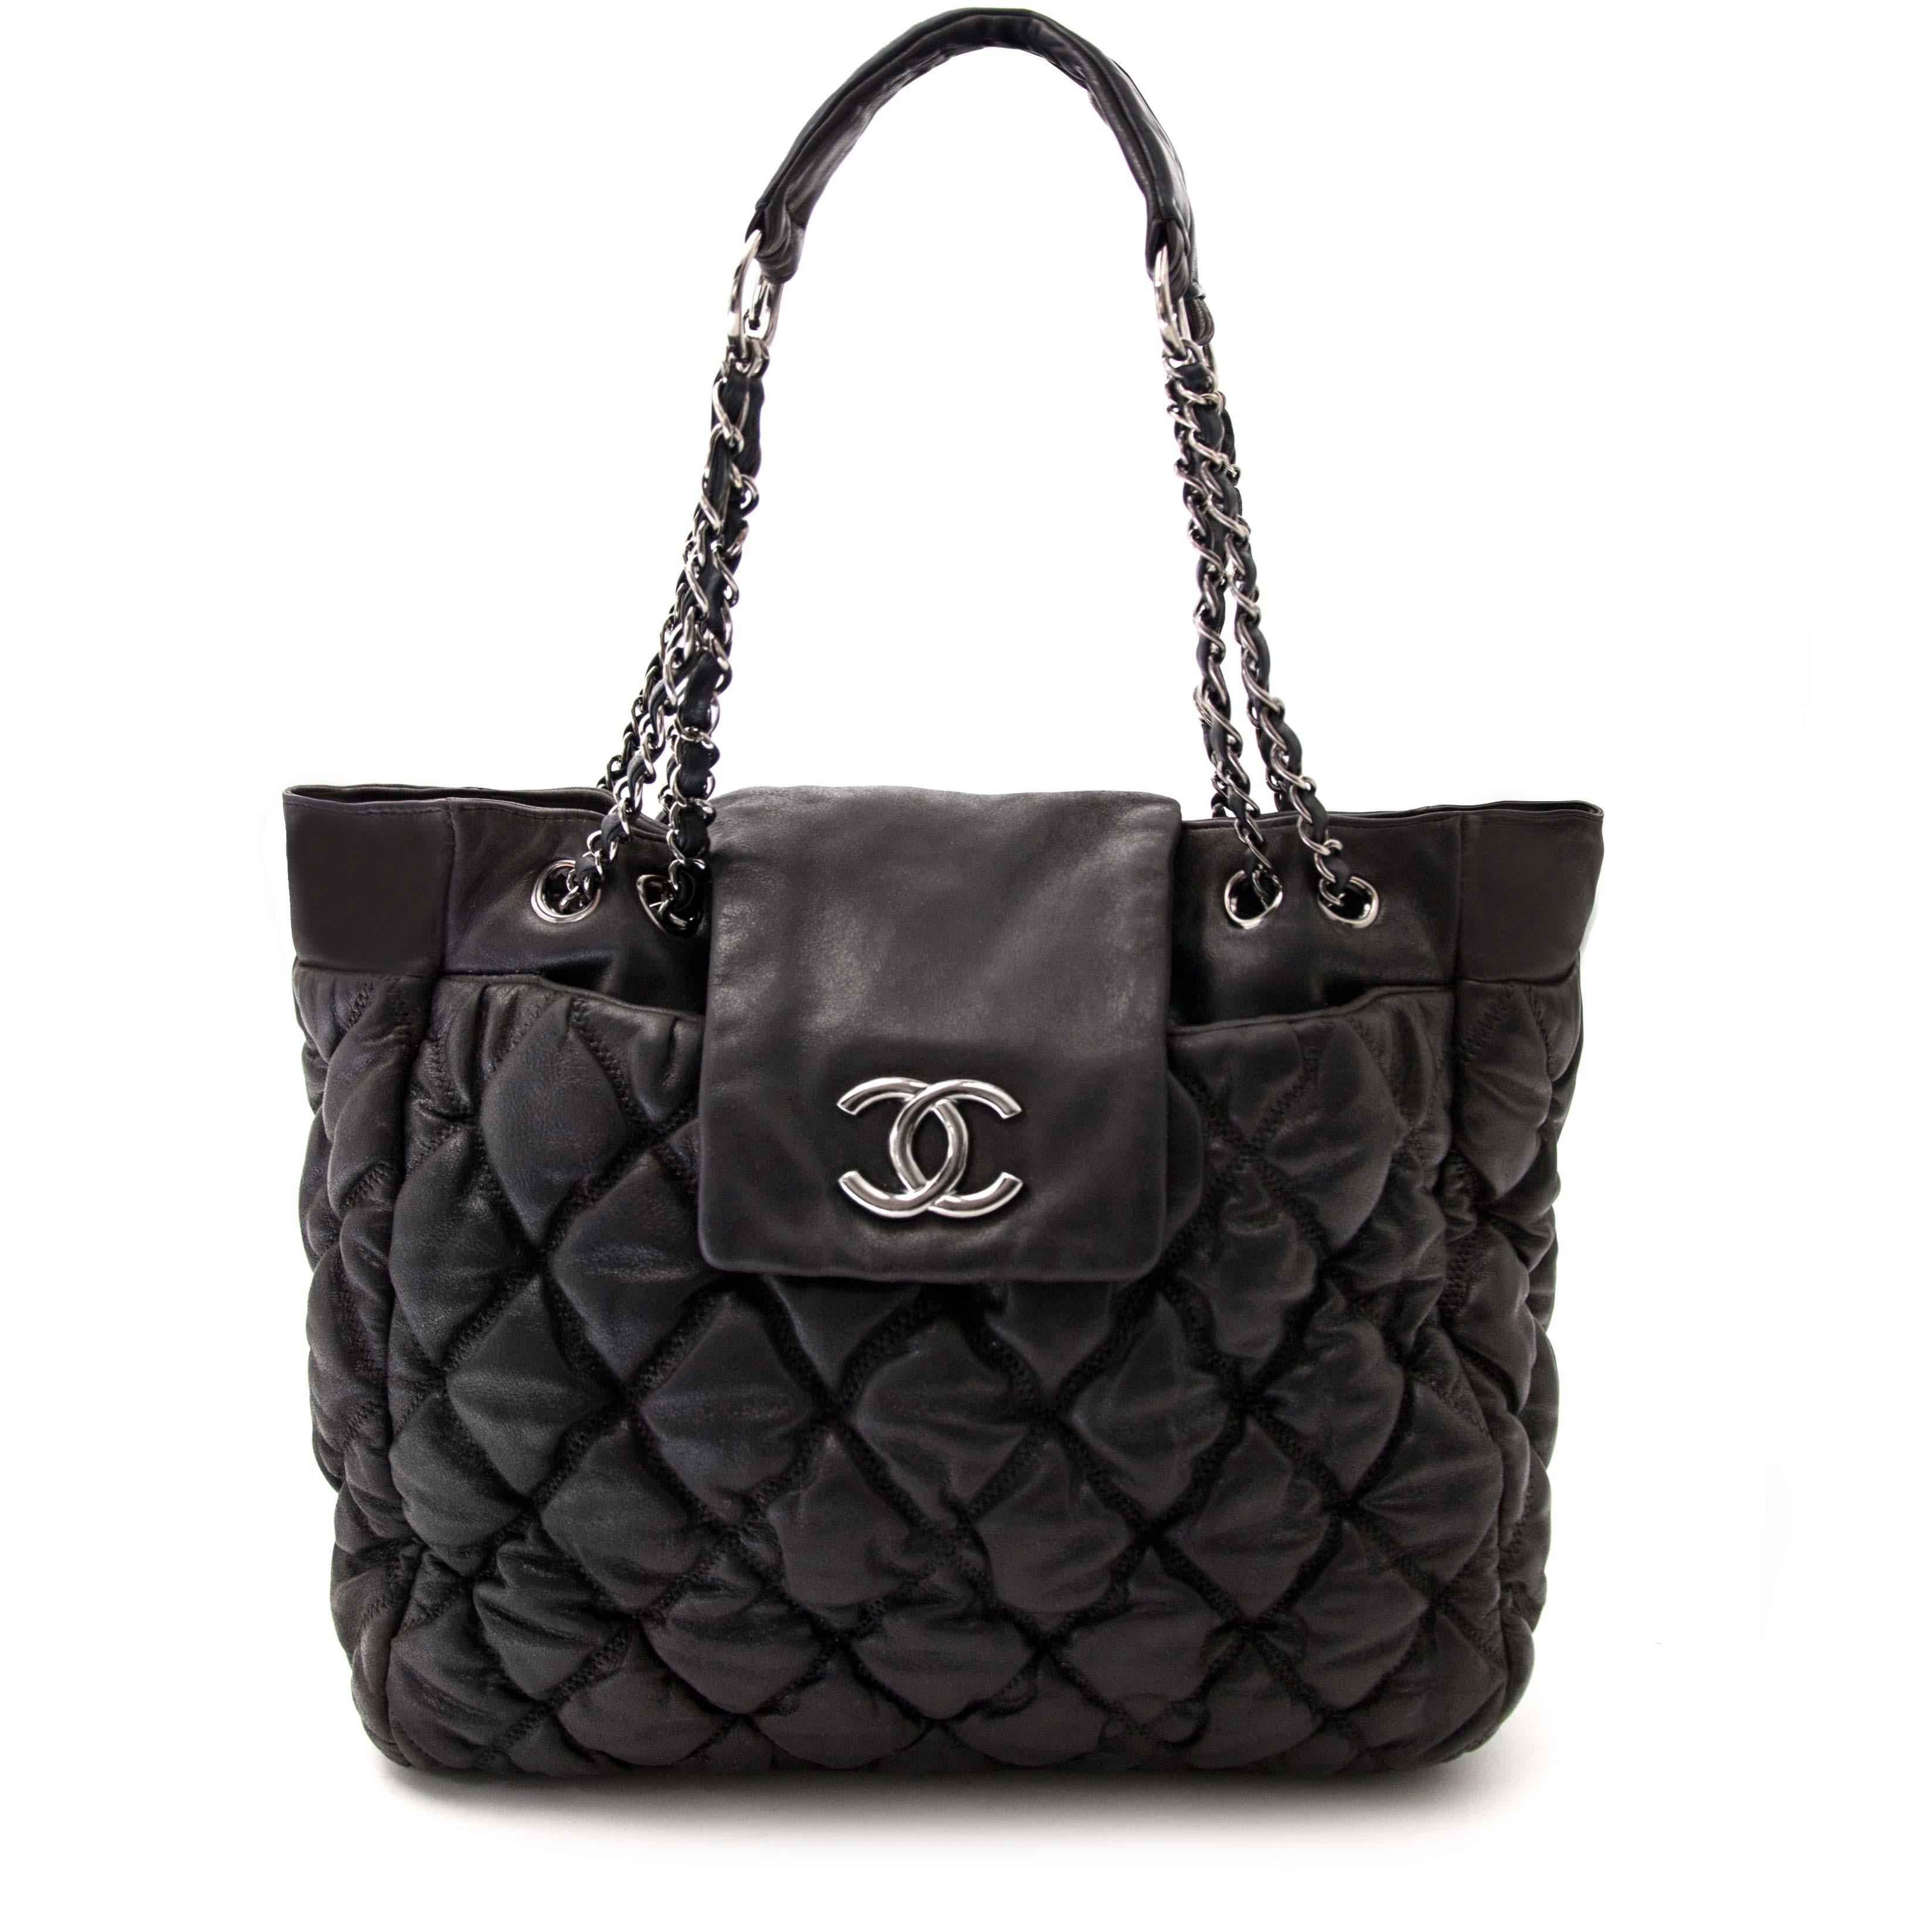 abe13895e912 Labellov Shop safe online: authentic vintage Chanel clothes, bags ...